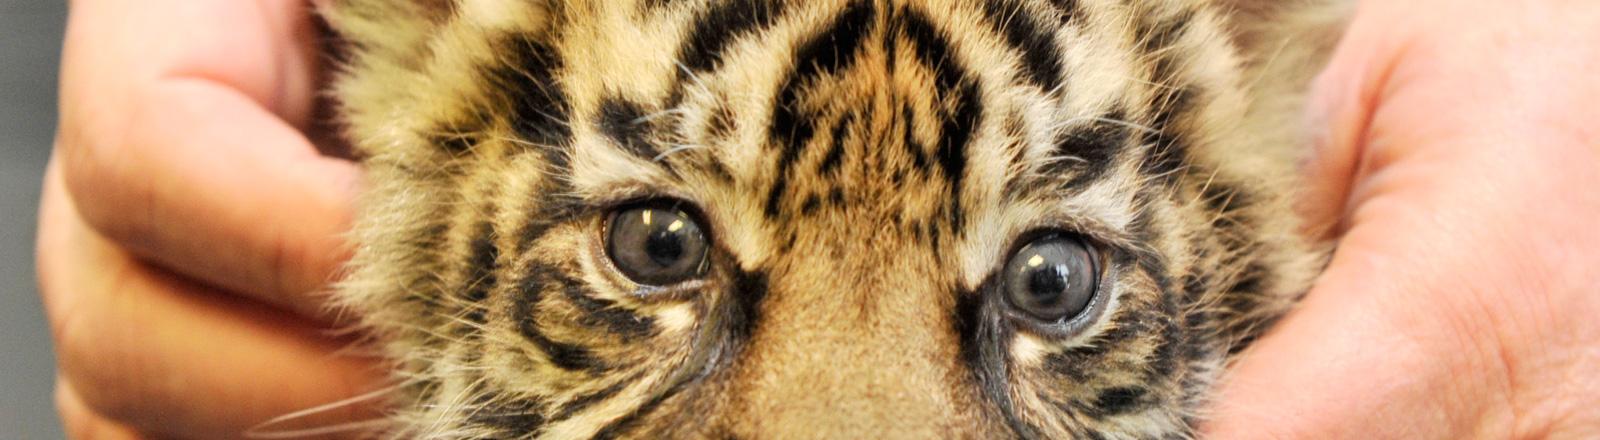 Ein Tigerbaby wird gekrault.